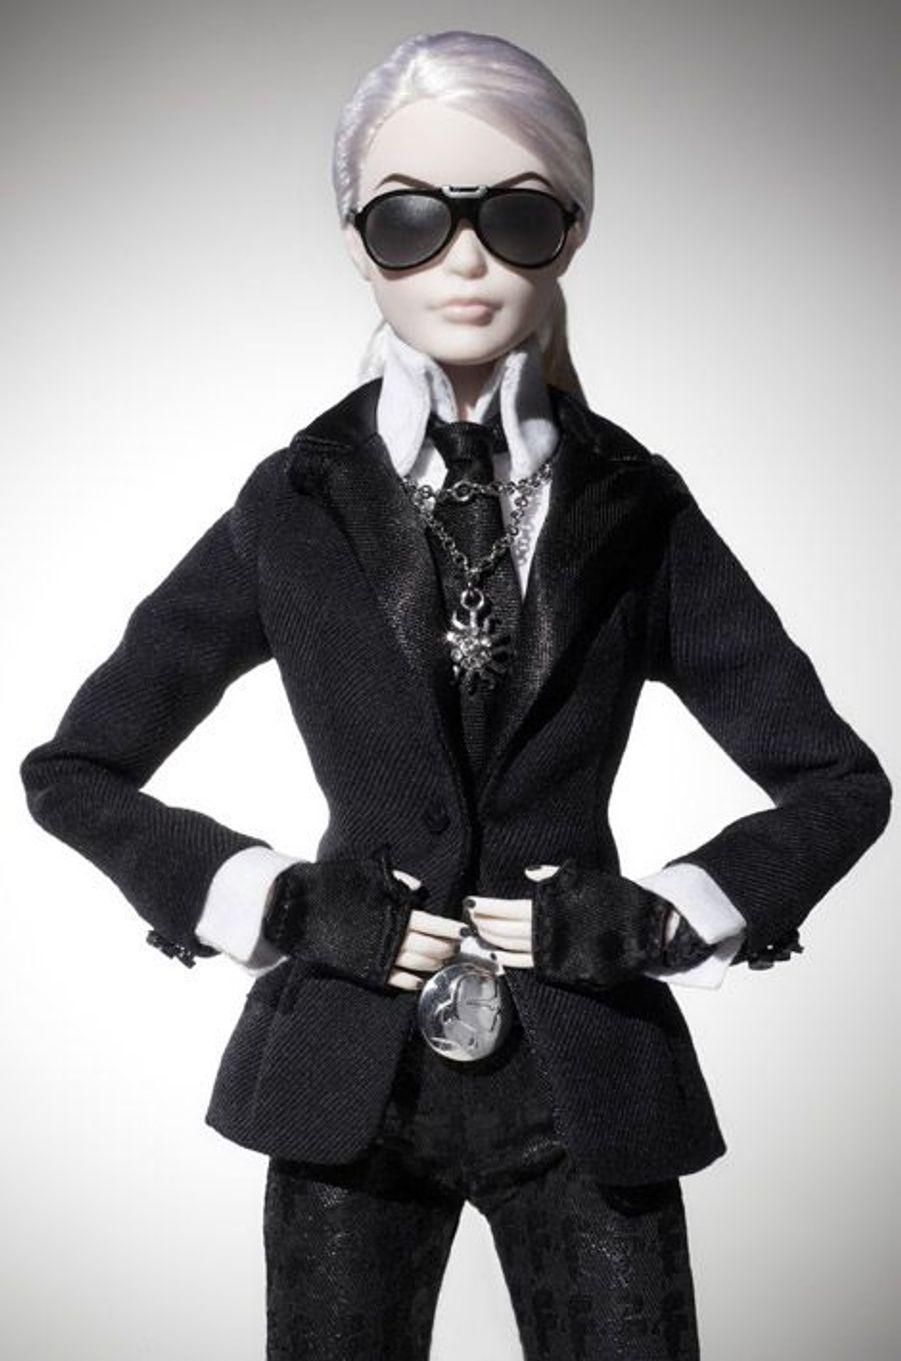 La poupée Barbie Karl Lagerfeld, en vente le 29 septembre prochain